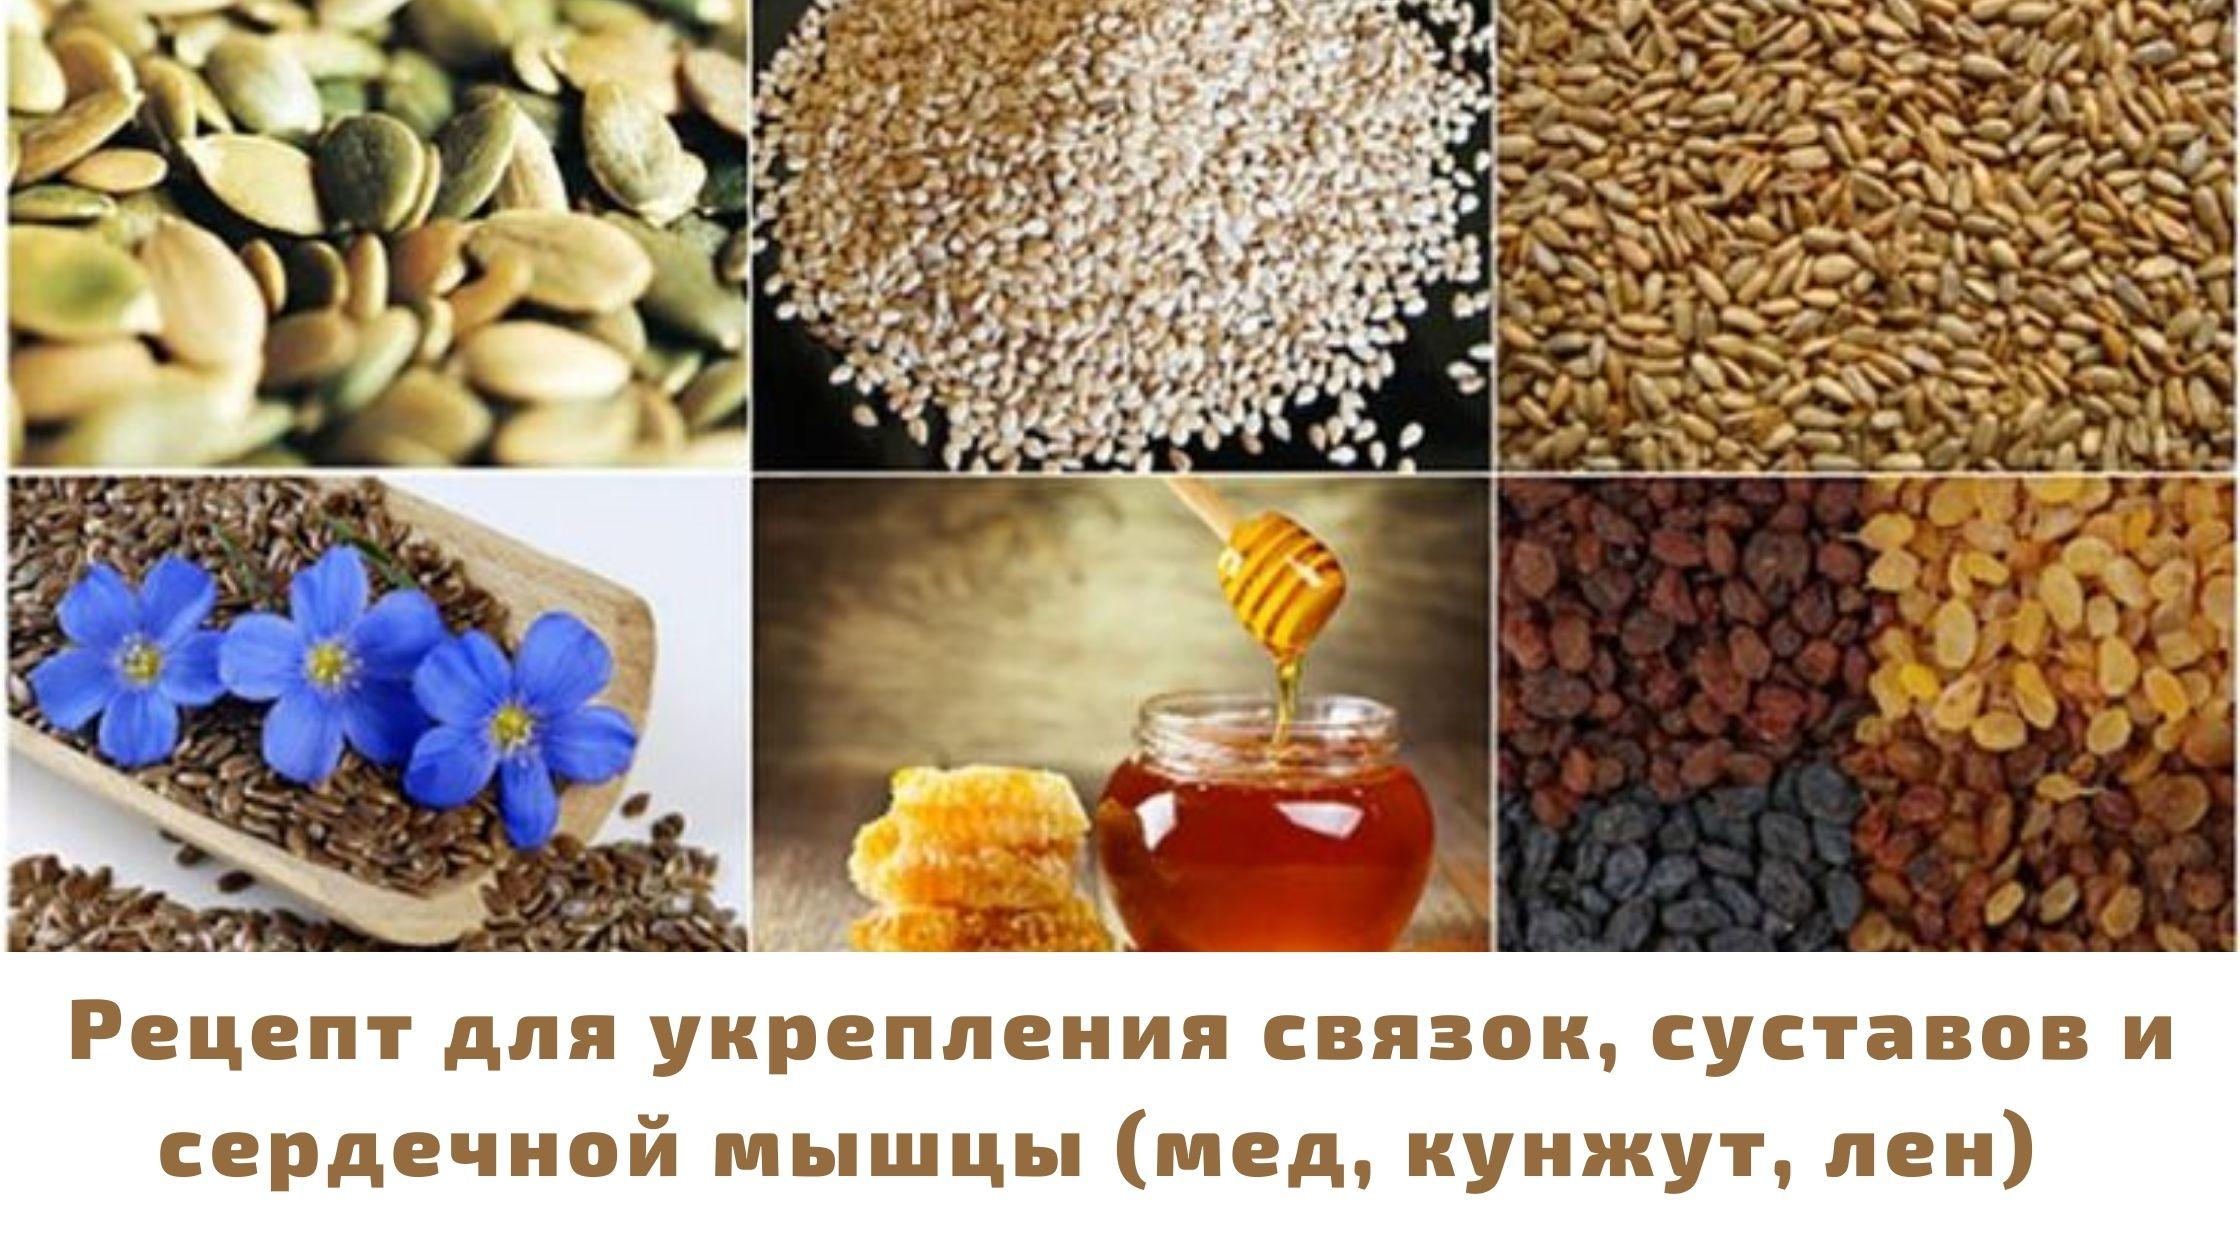 рецепт для укрепления связок, суставов и сердечной мышцы (мед, кунжут, лен)